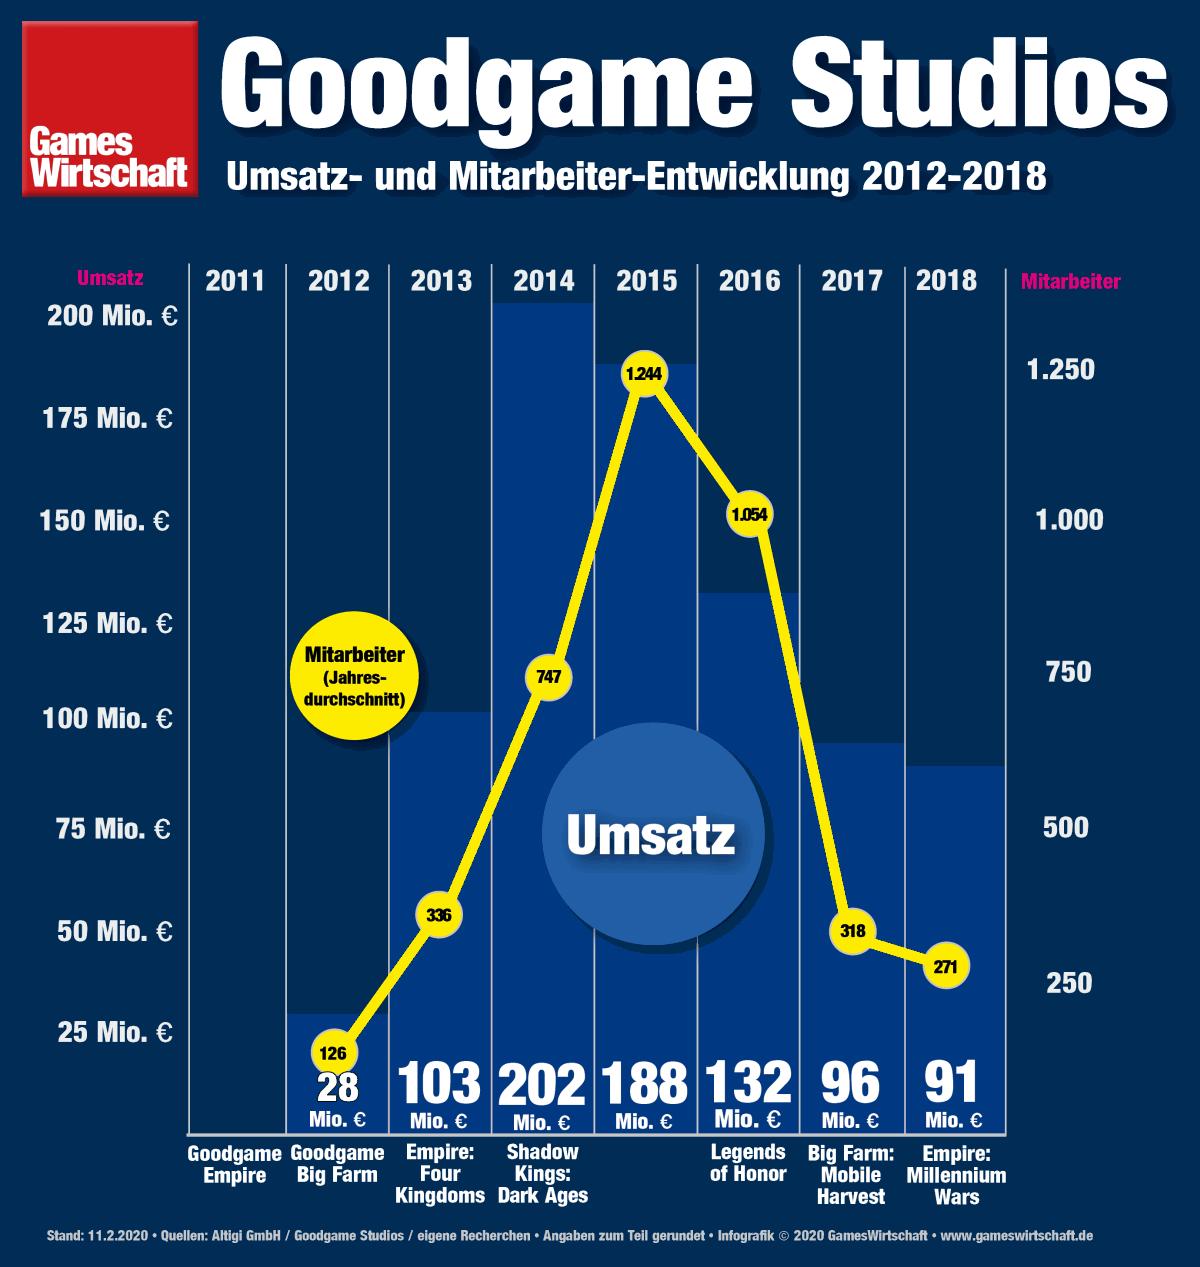 Rückgang abgebremst: 2018 erzielte Goodgame Studios einen Umsatz von 91 Mio. Euro (Stand: 11.2.2020)